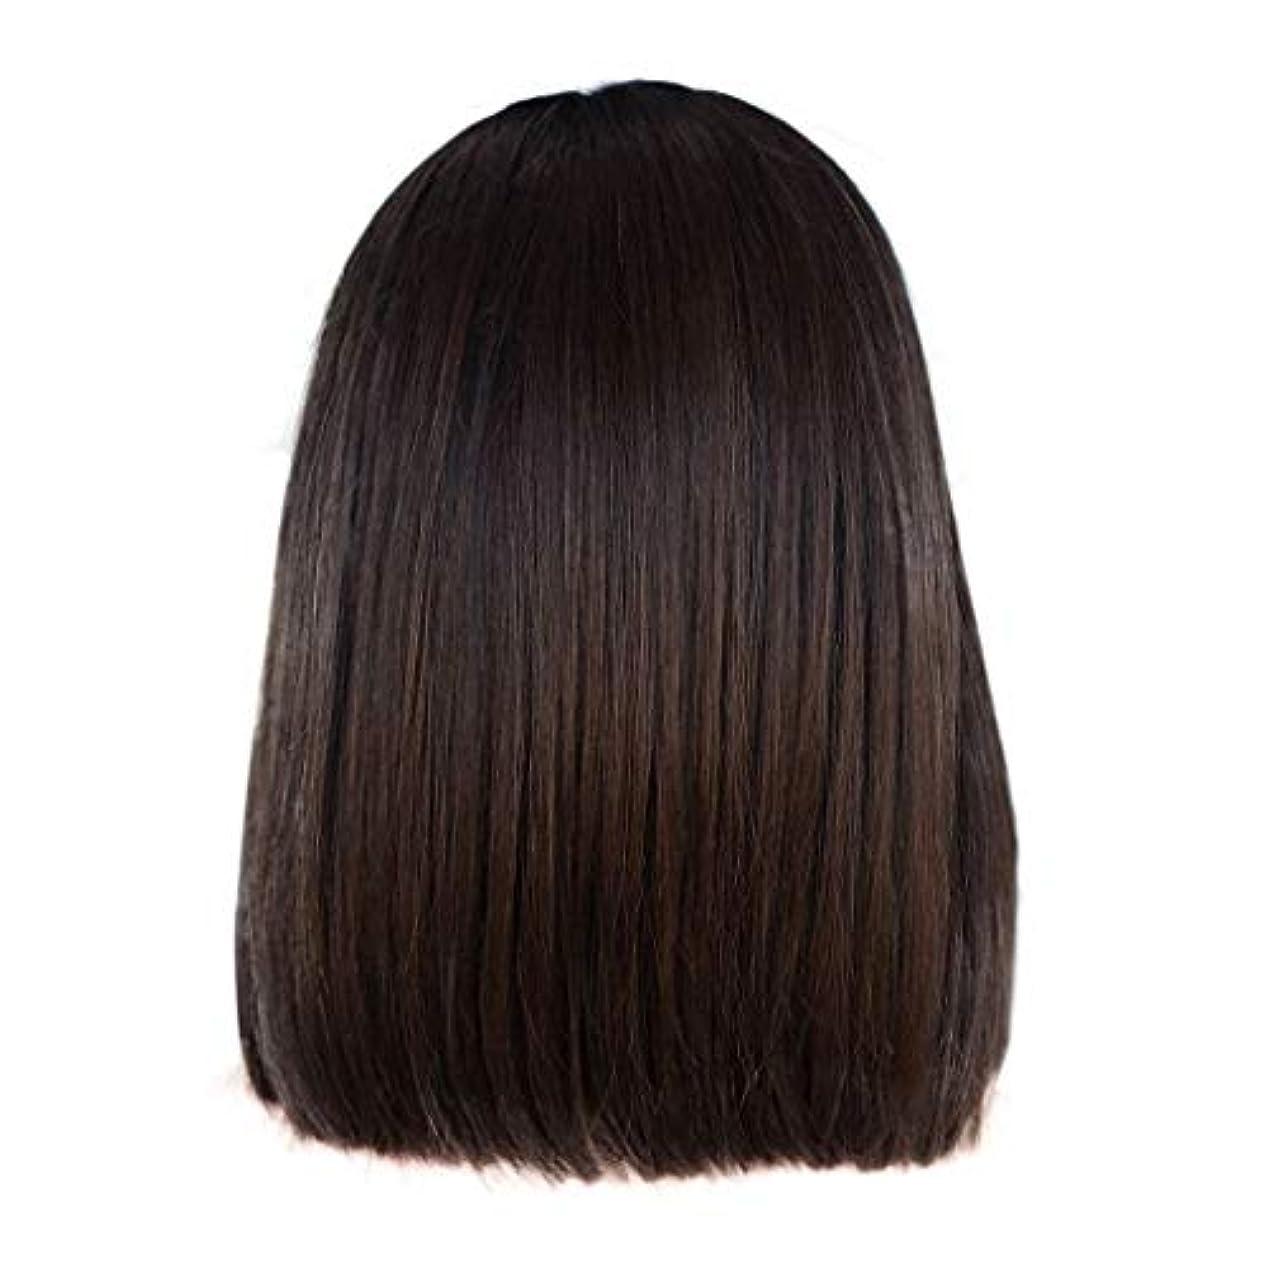 模倣行うトリムかつら女性の短いストレートヘアブラウンの化学繊維のフロントレースかつら14インチ